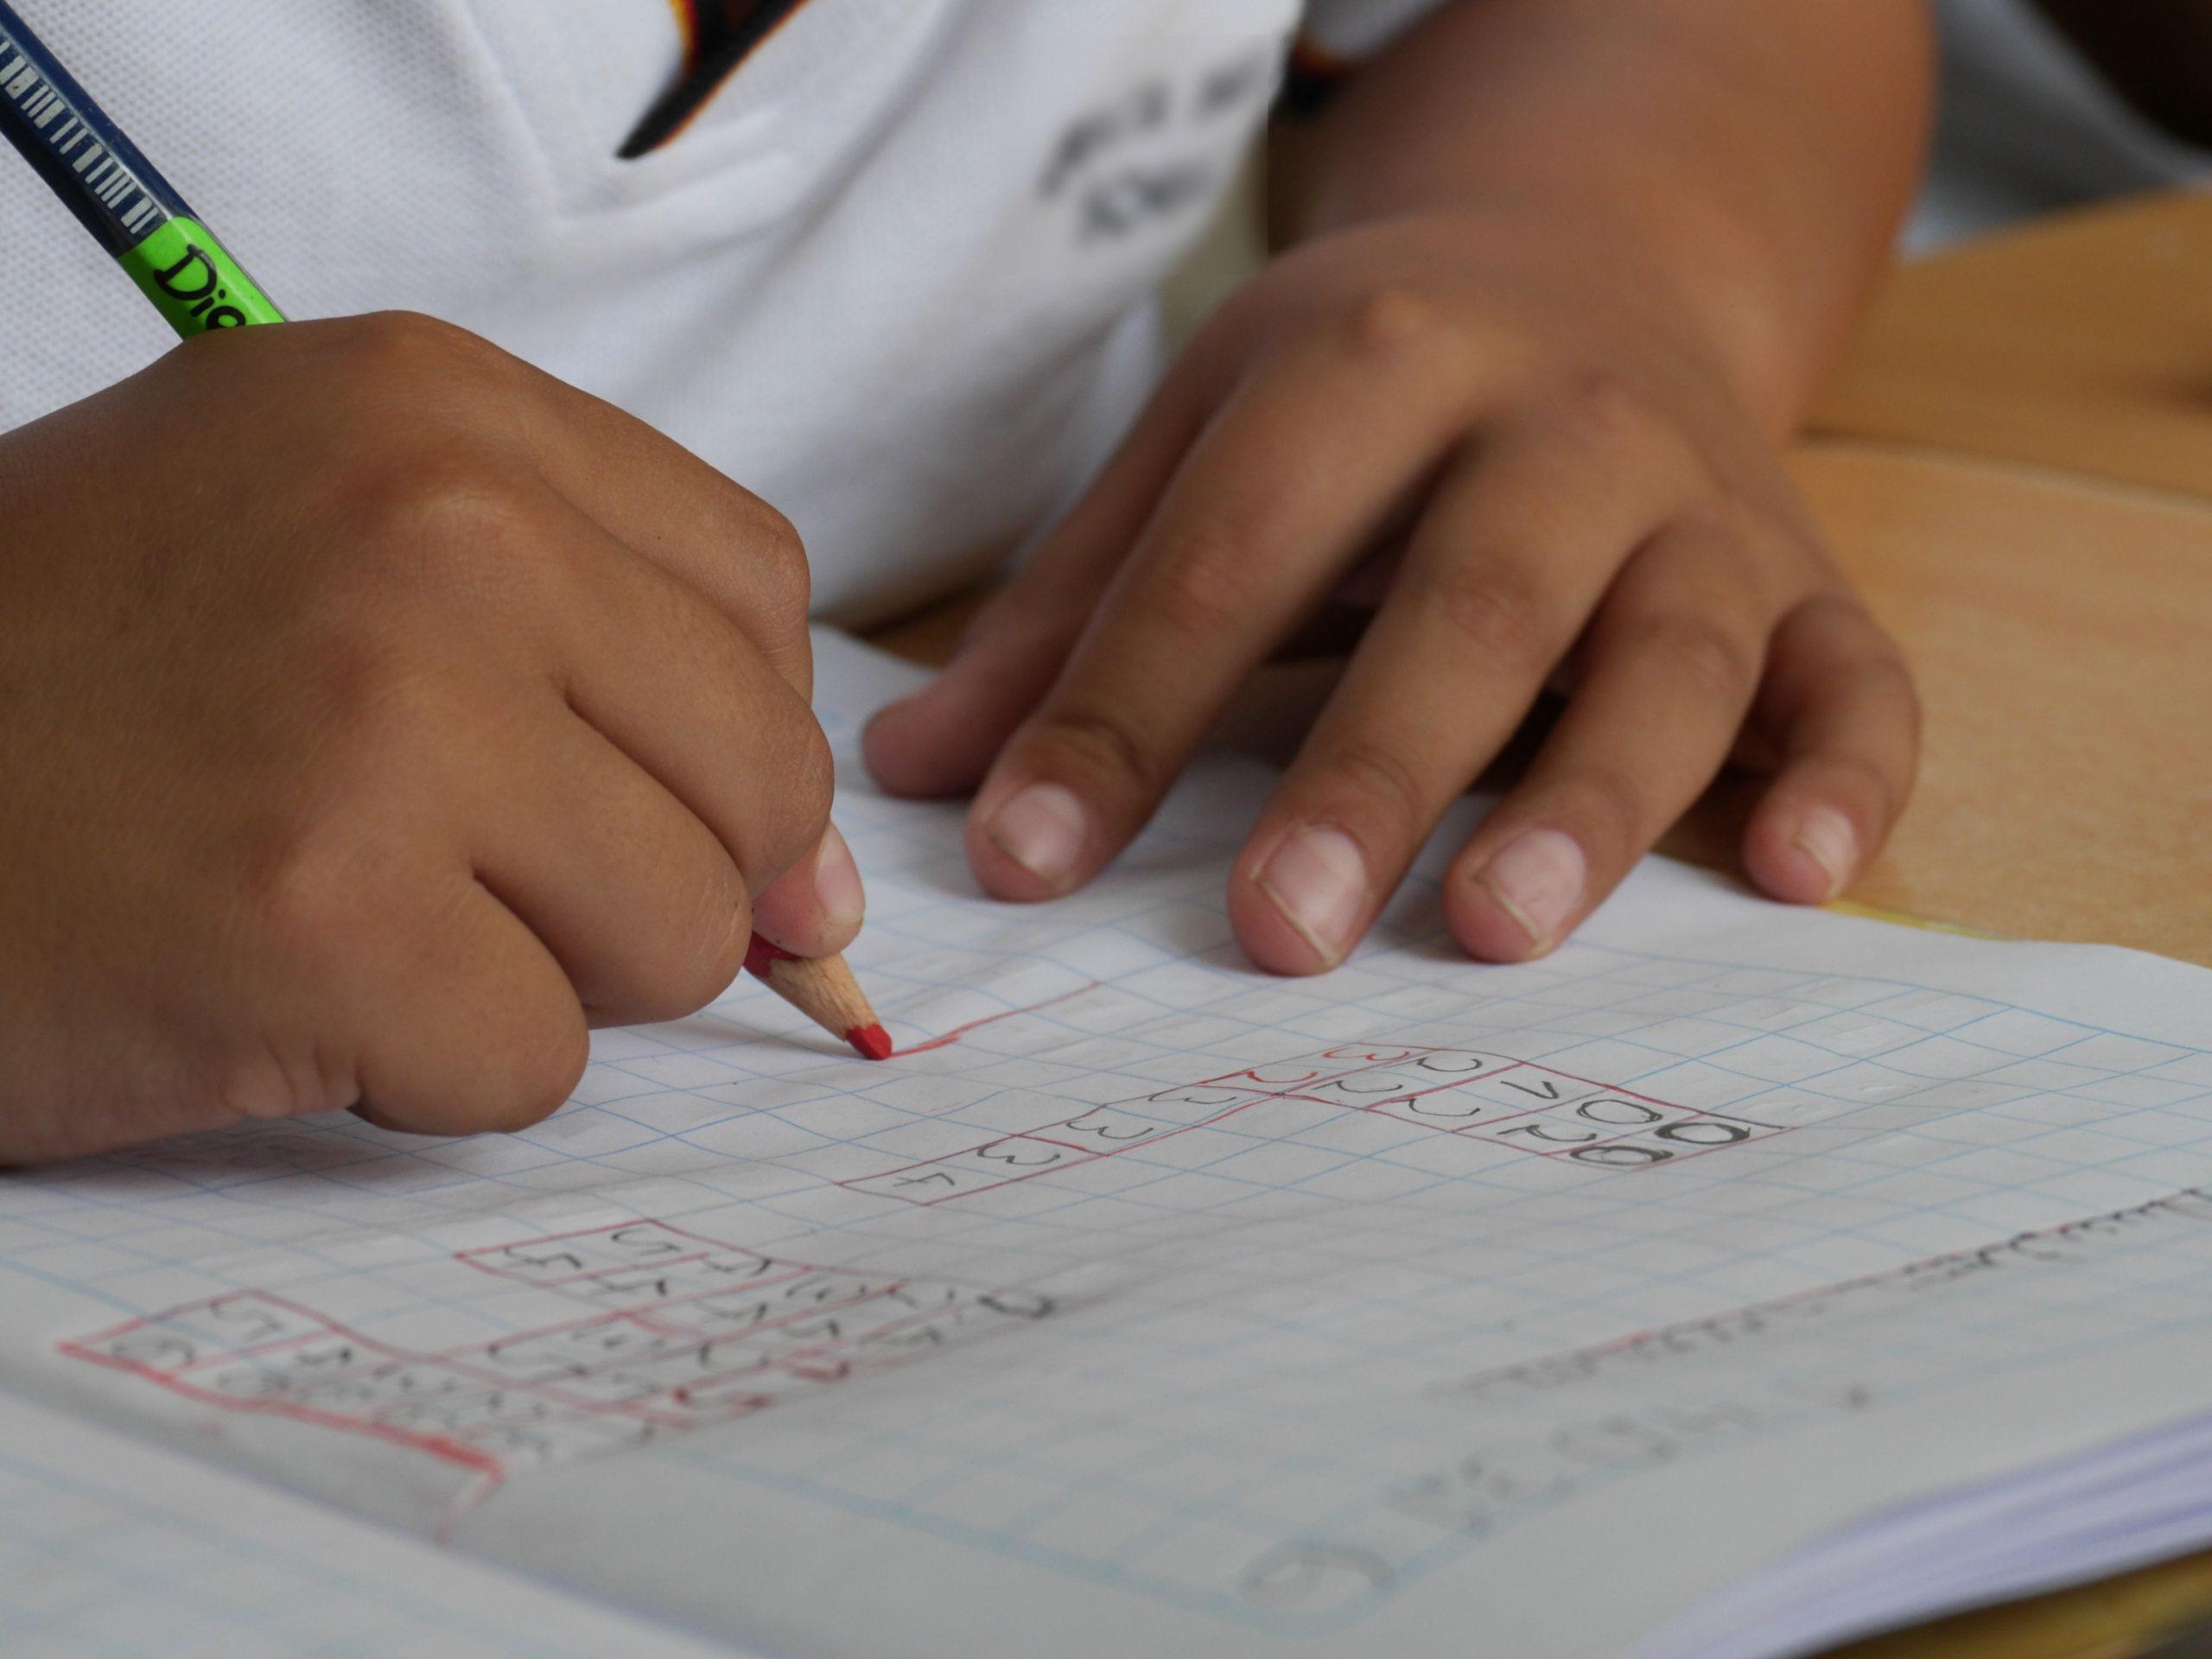 Mãos de criança com lápis vermelho no caderno. Imagem ilustrativa texto dia do Estudante.